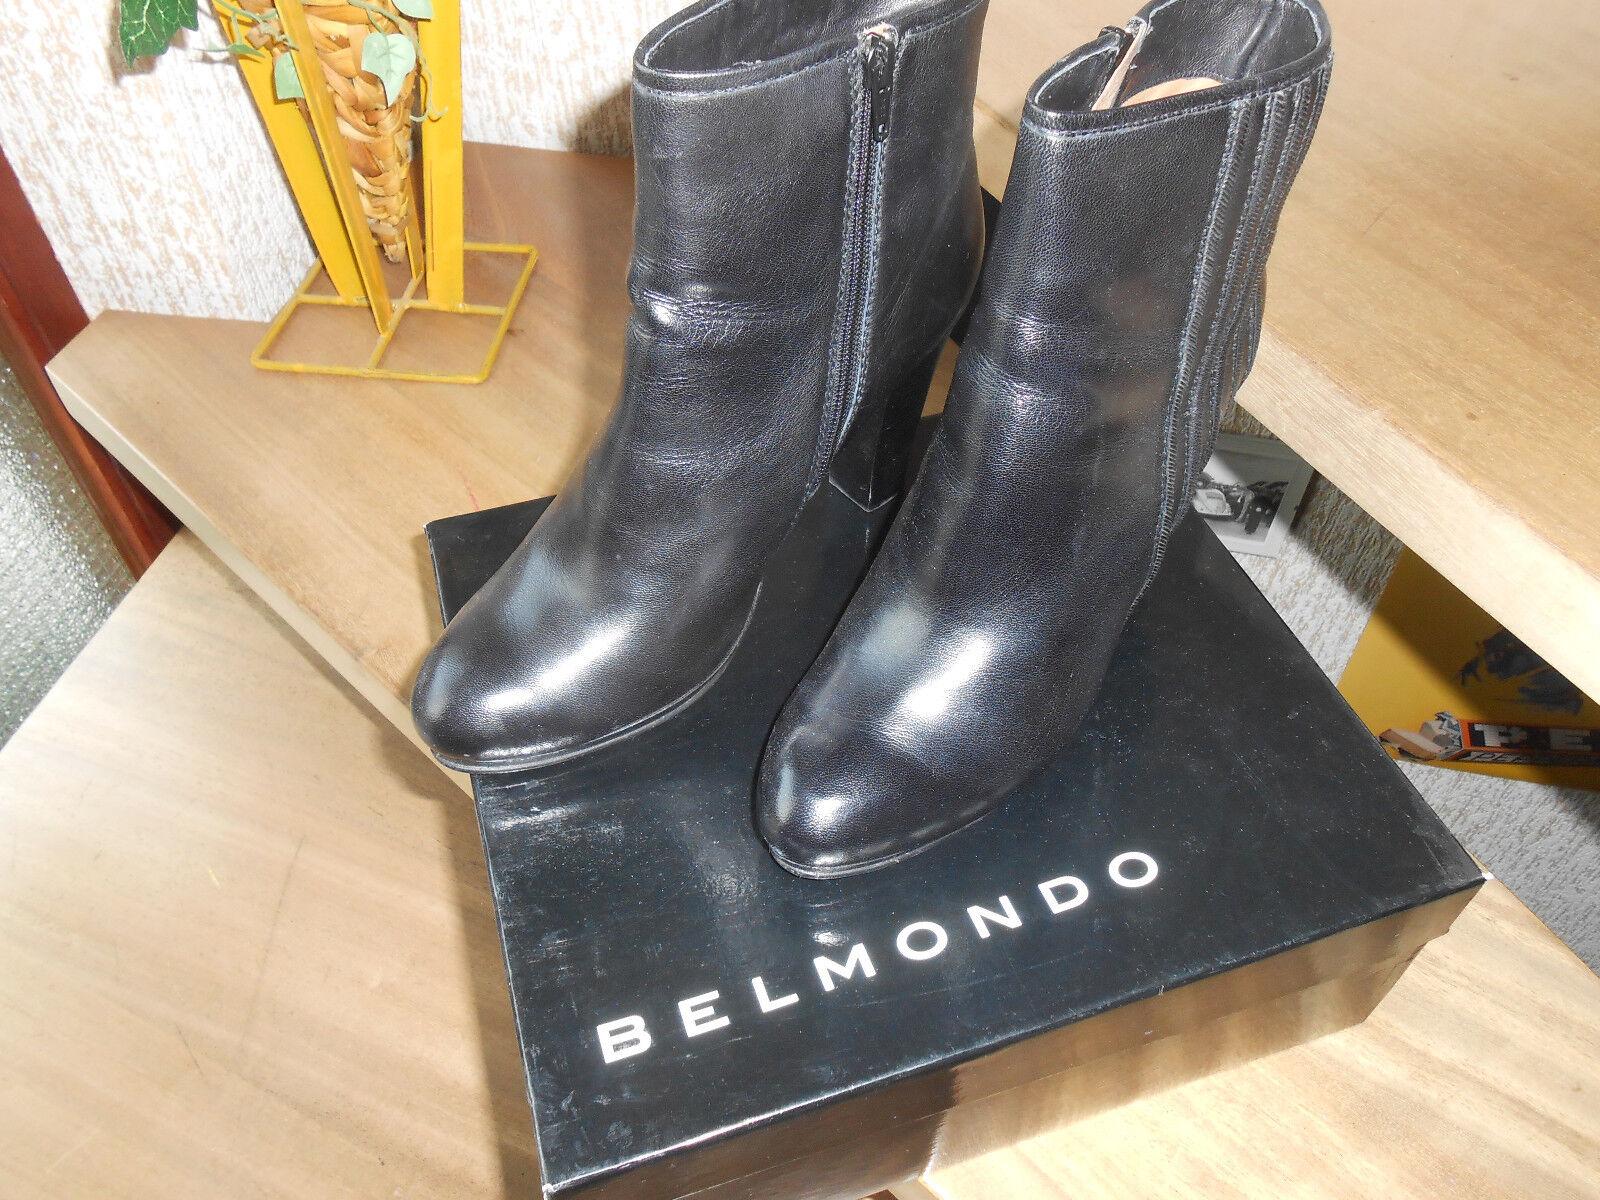 BELMONDO Damen Stiefelette Größe 41 Echt Leder, Leder, Leder